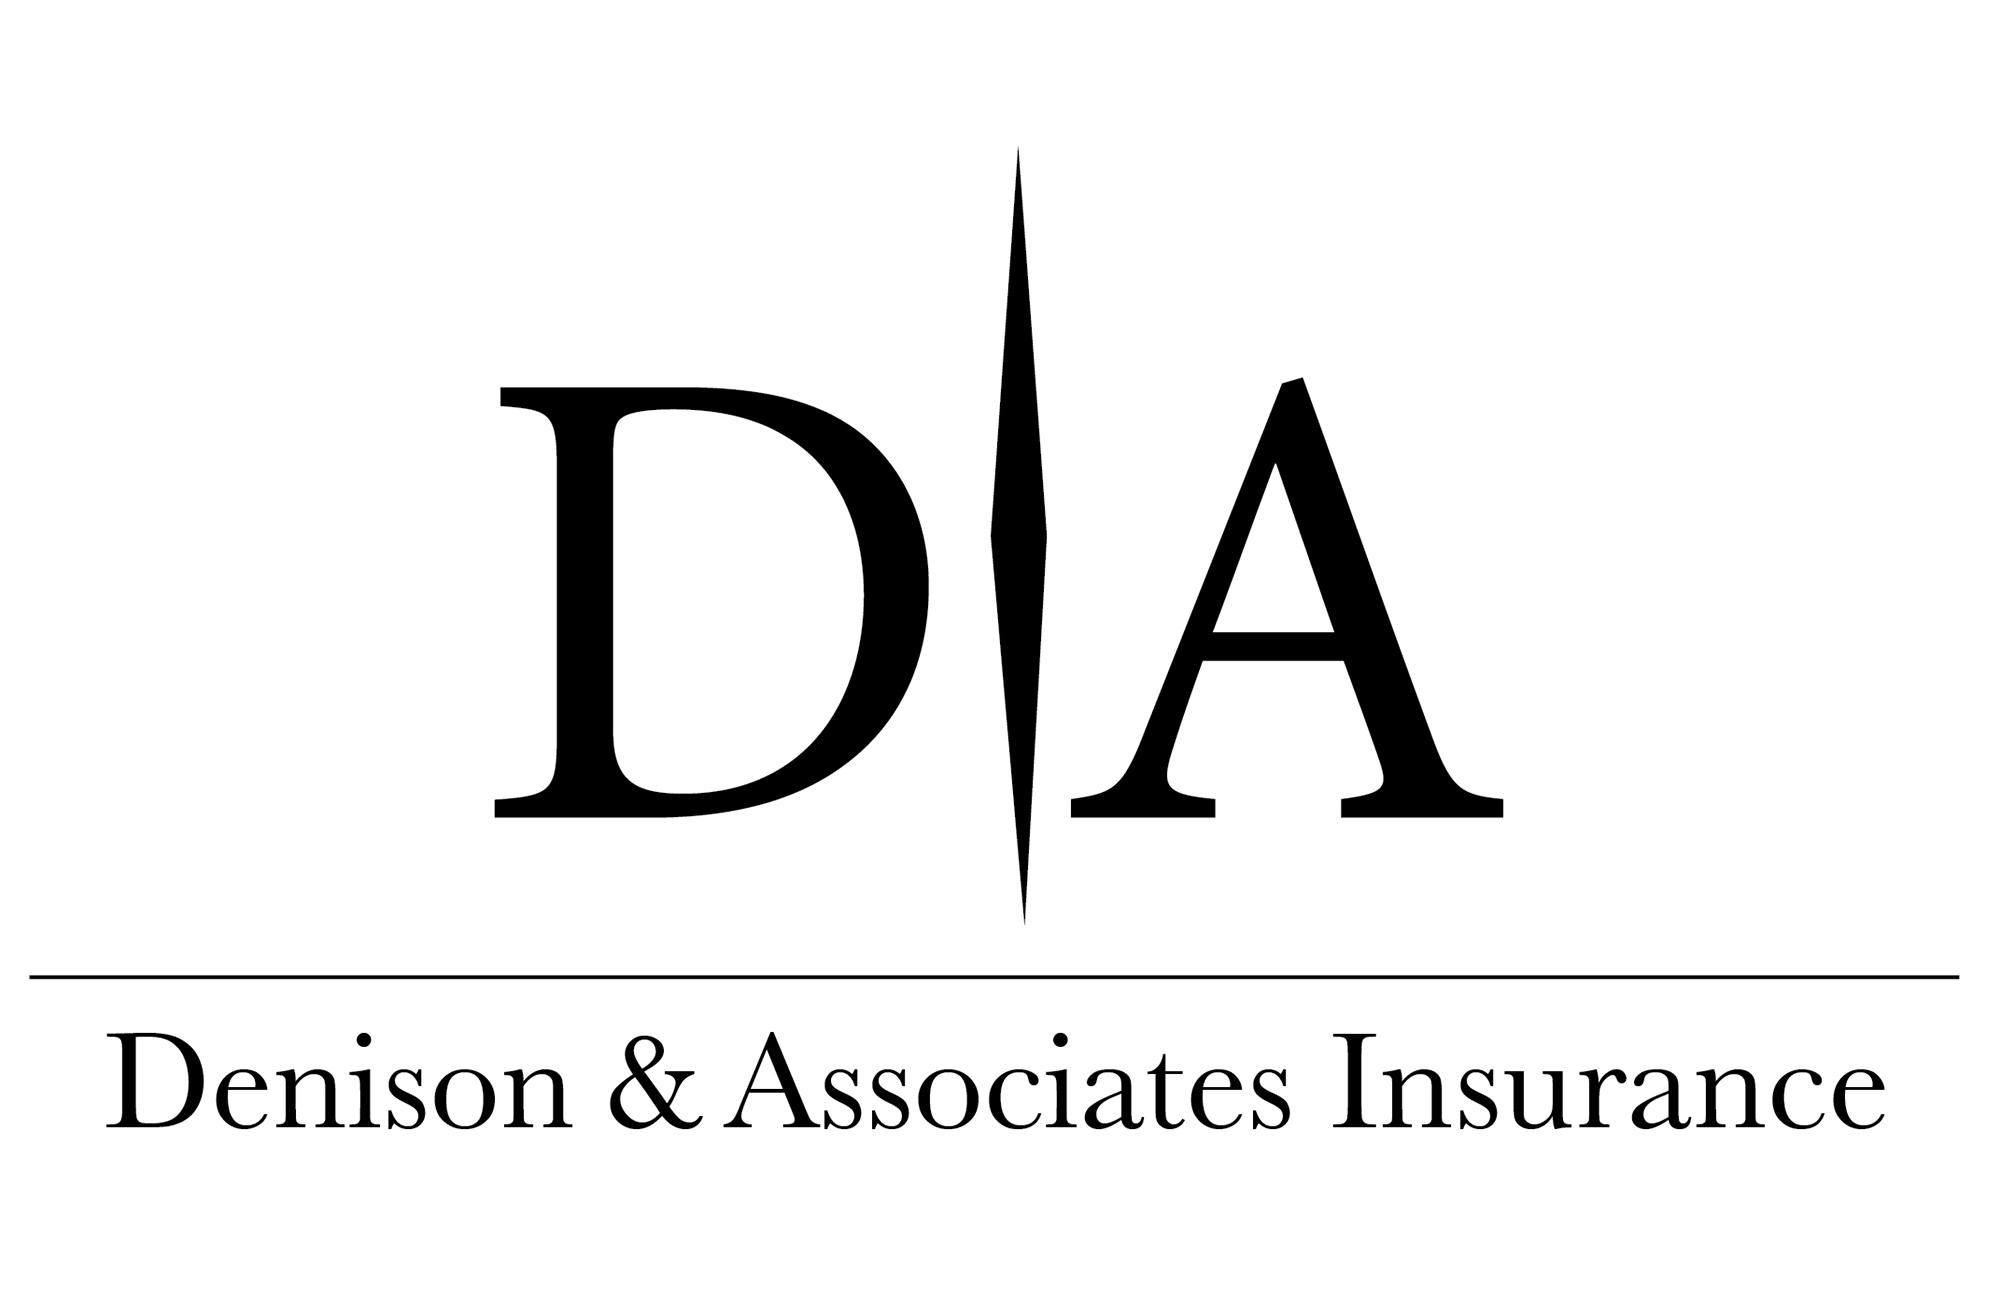 Denison & Associates Insurance Agency